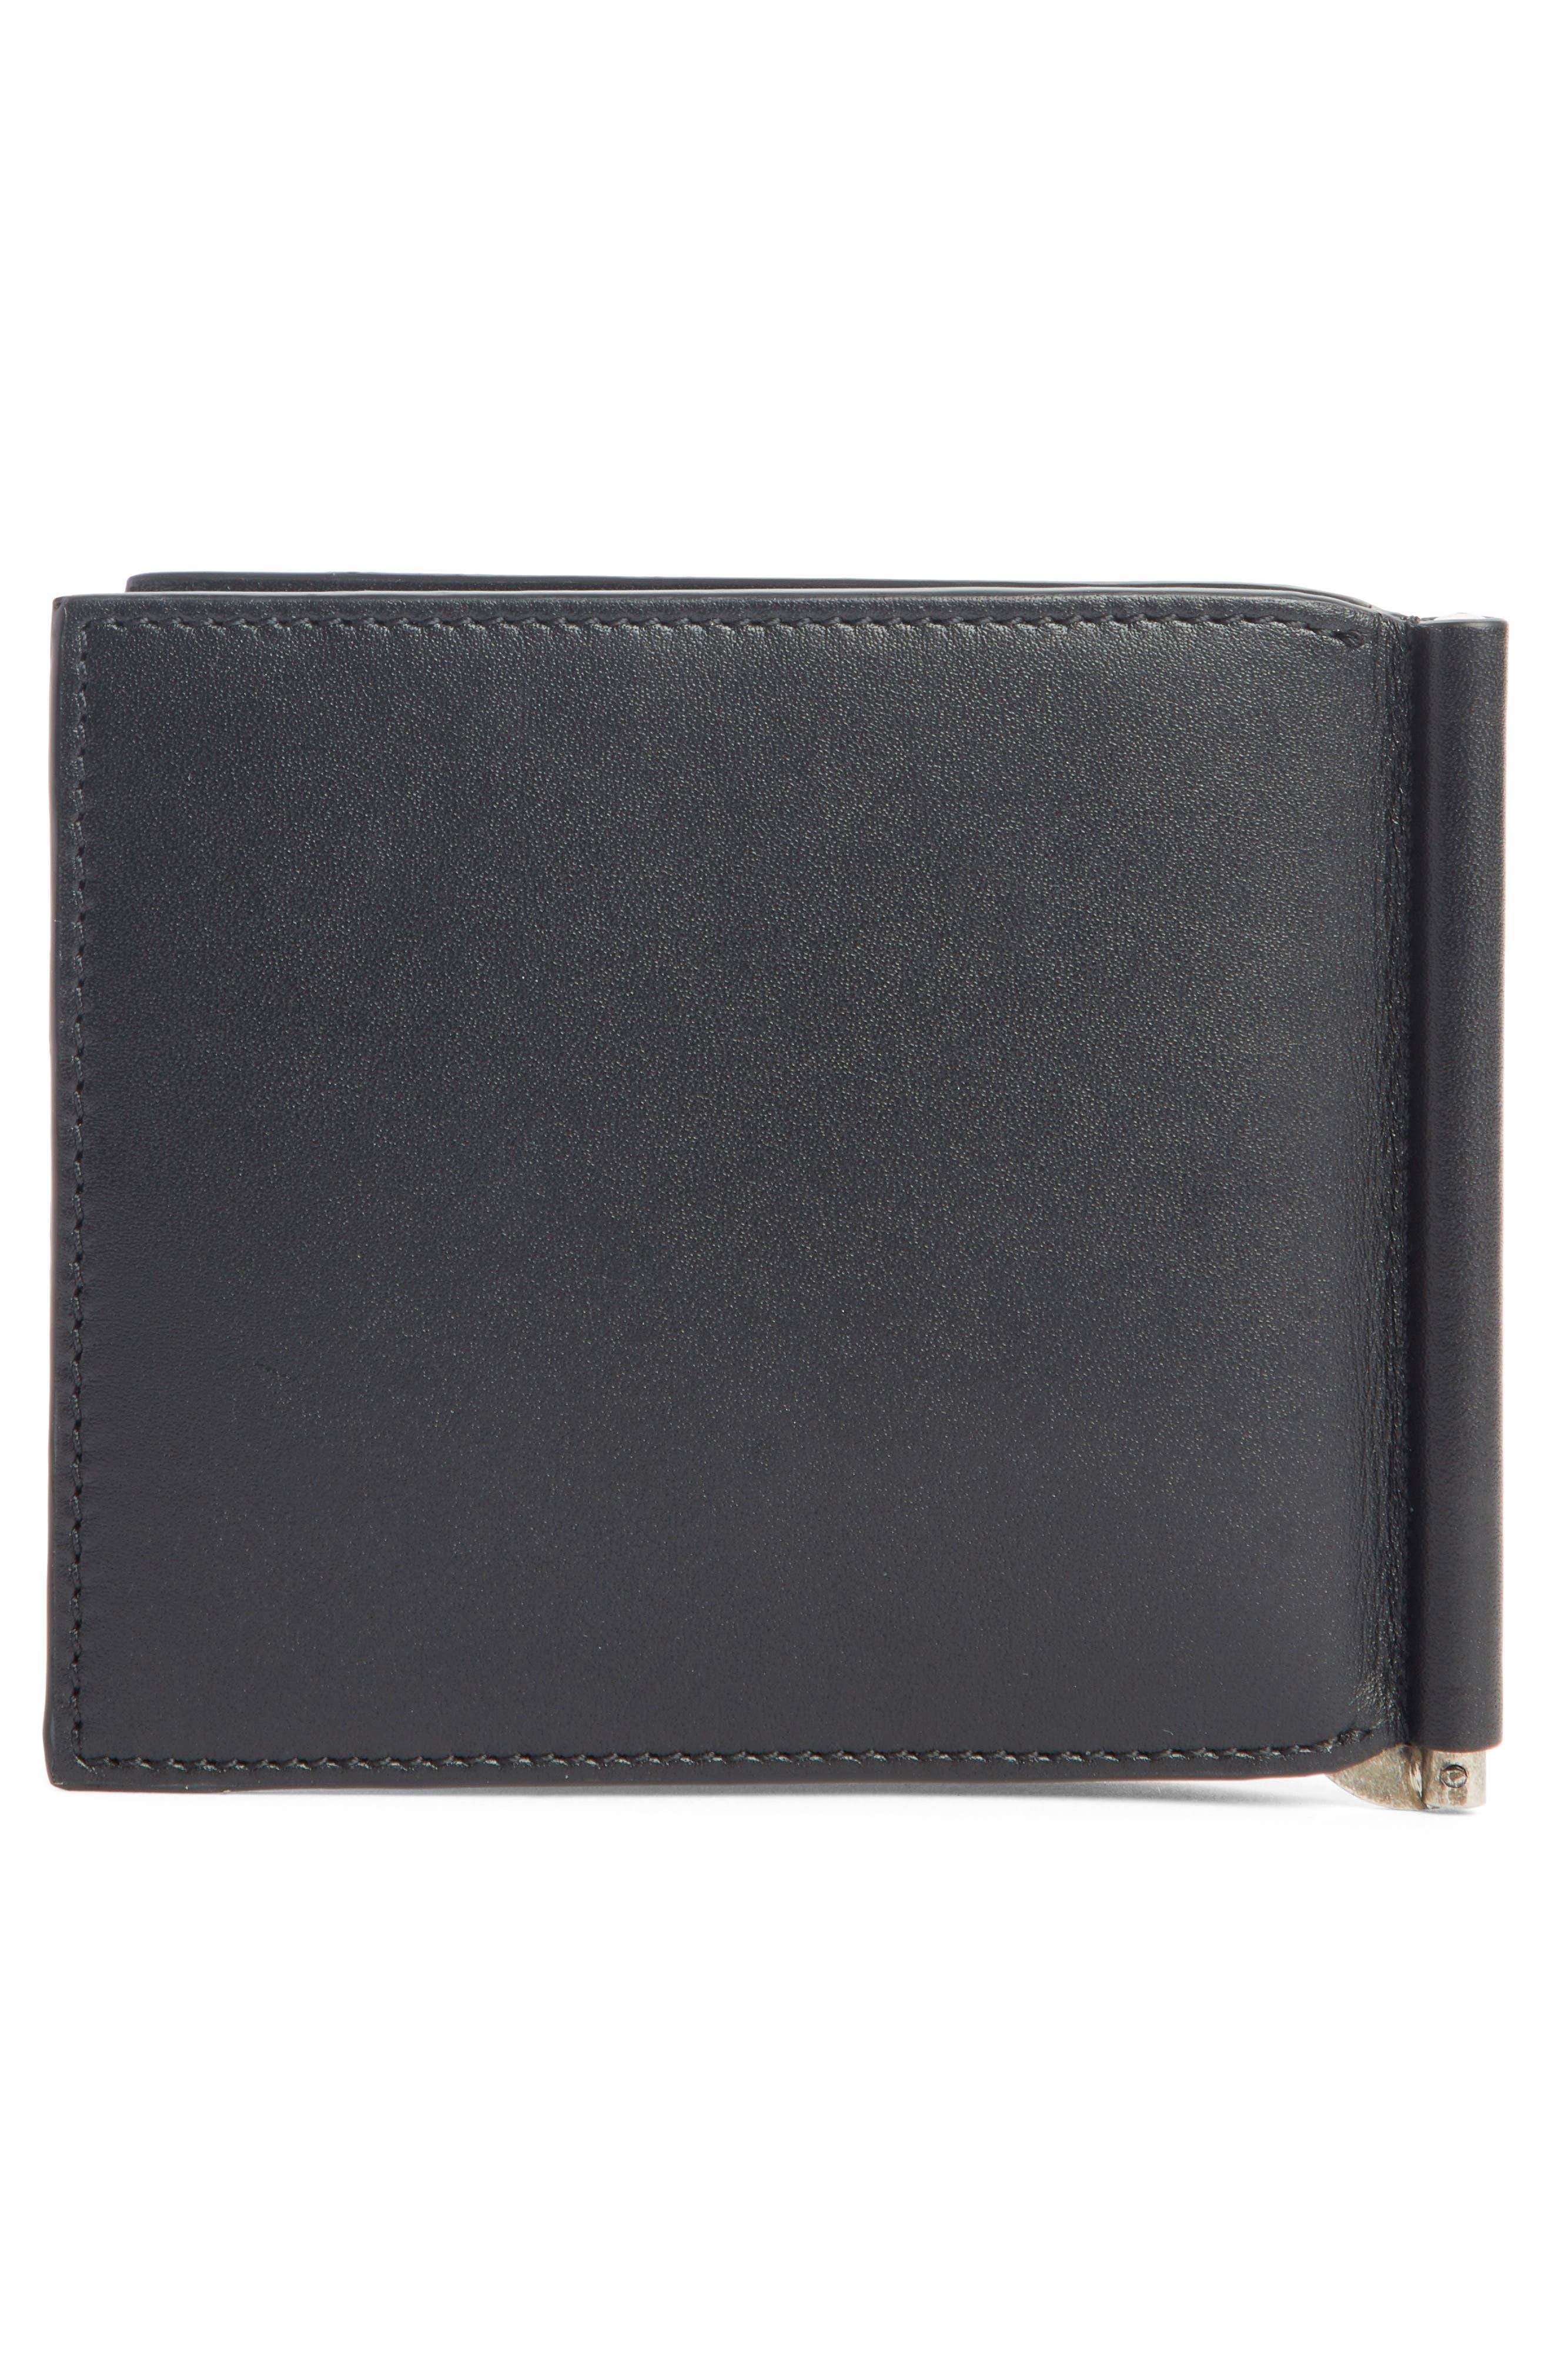 Paris Leather Monery Clip Card Case,                             Alternate thumbnail 3, color,                             BLACK